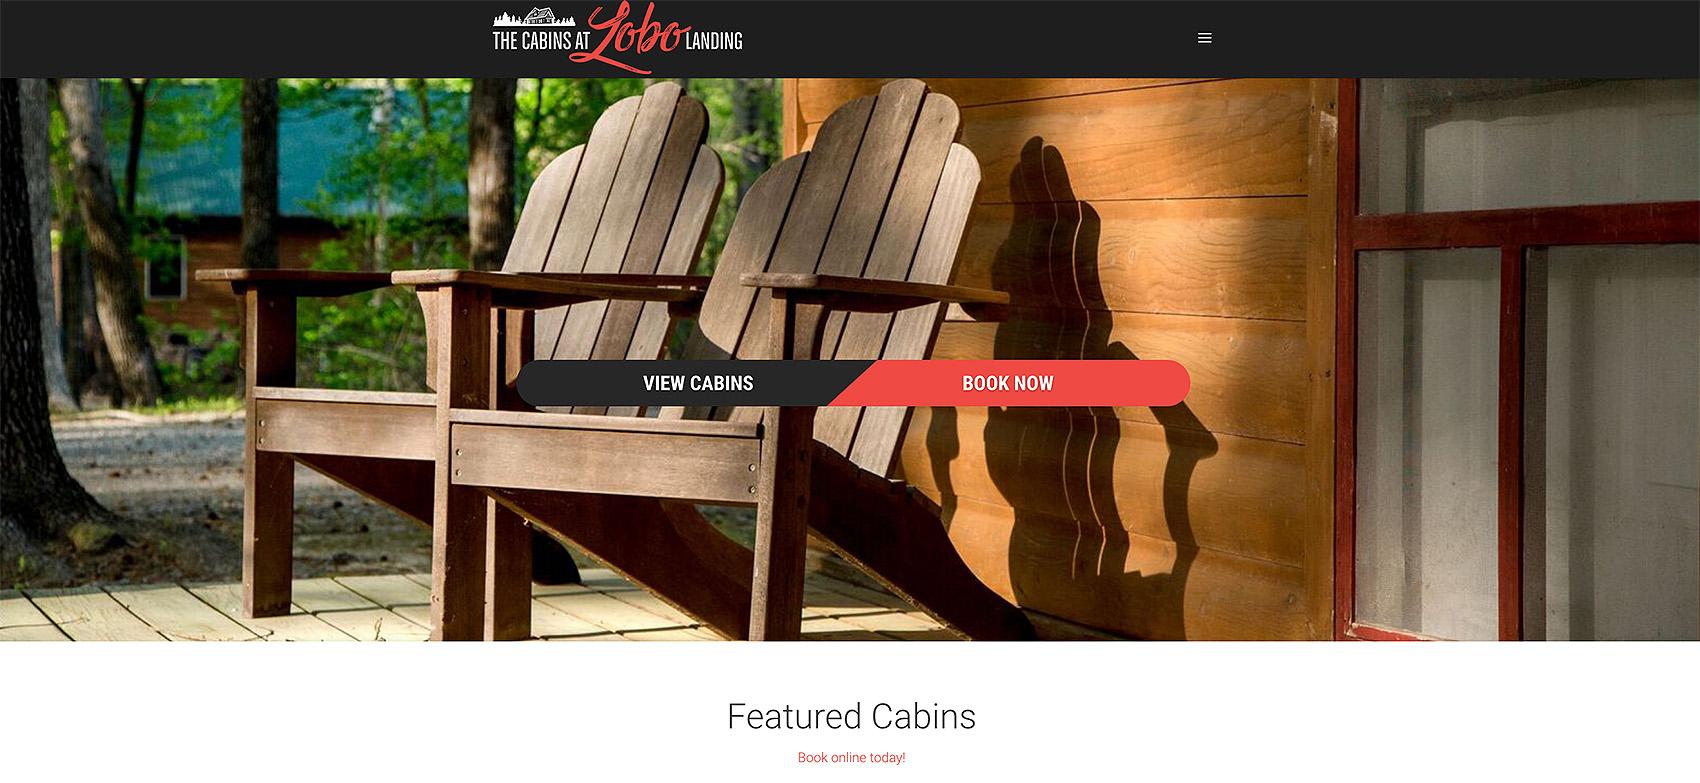 cabins lobo landing website.jpg